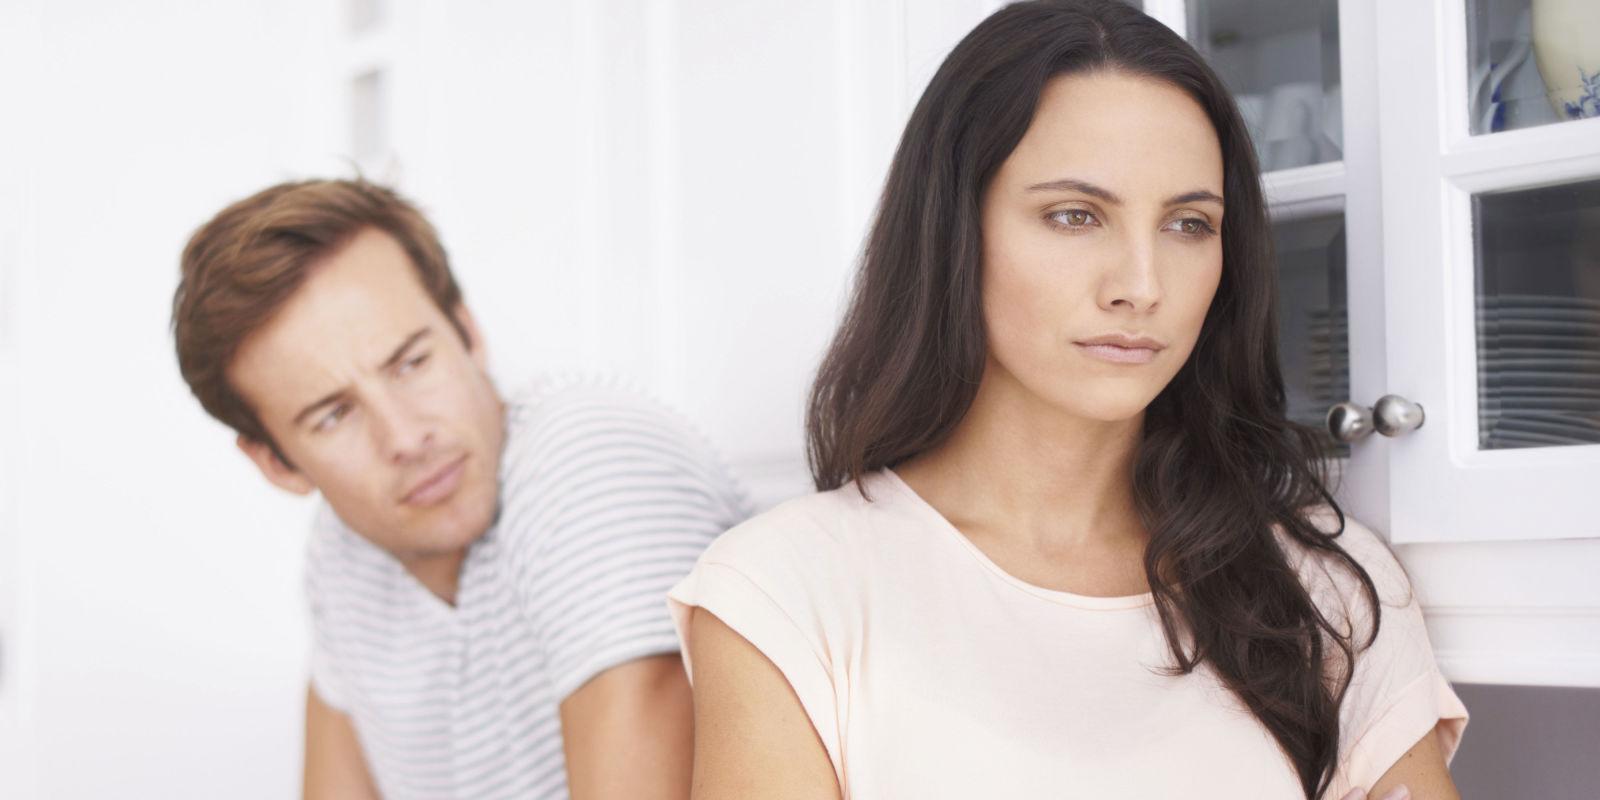 Cứ mỗi lần giận nhau vợ lại nhắn tin với người cũ - 1